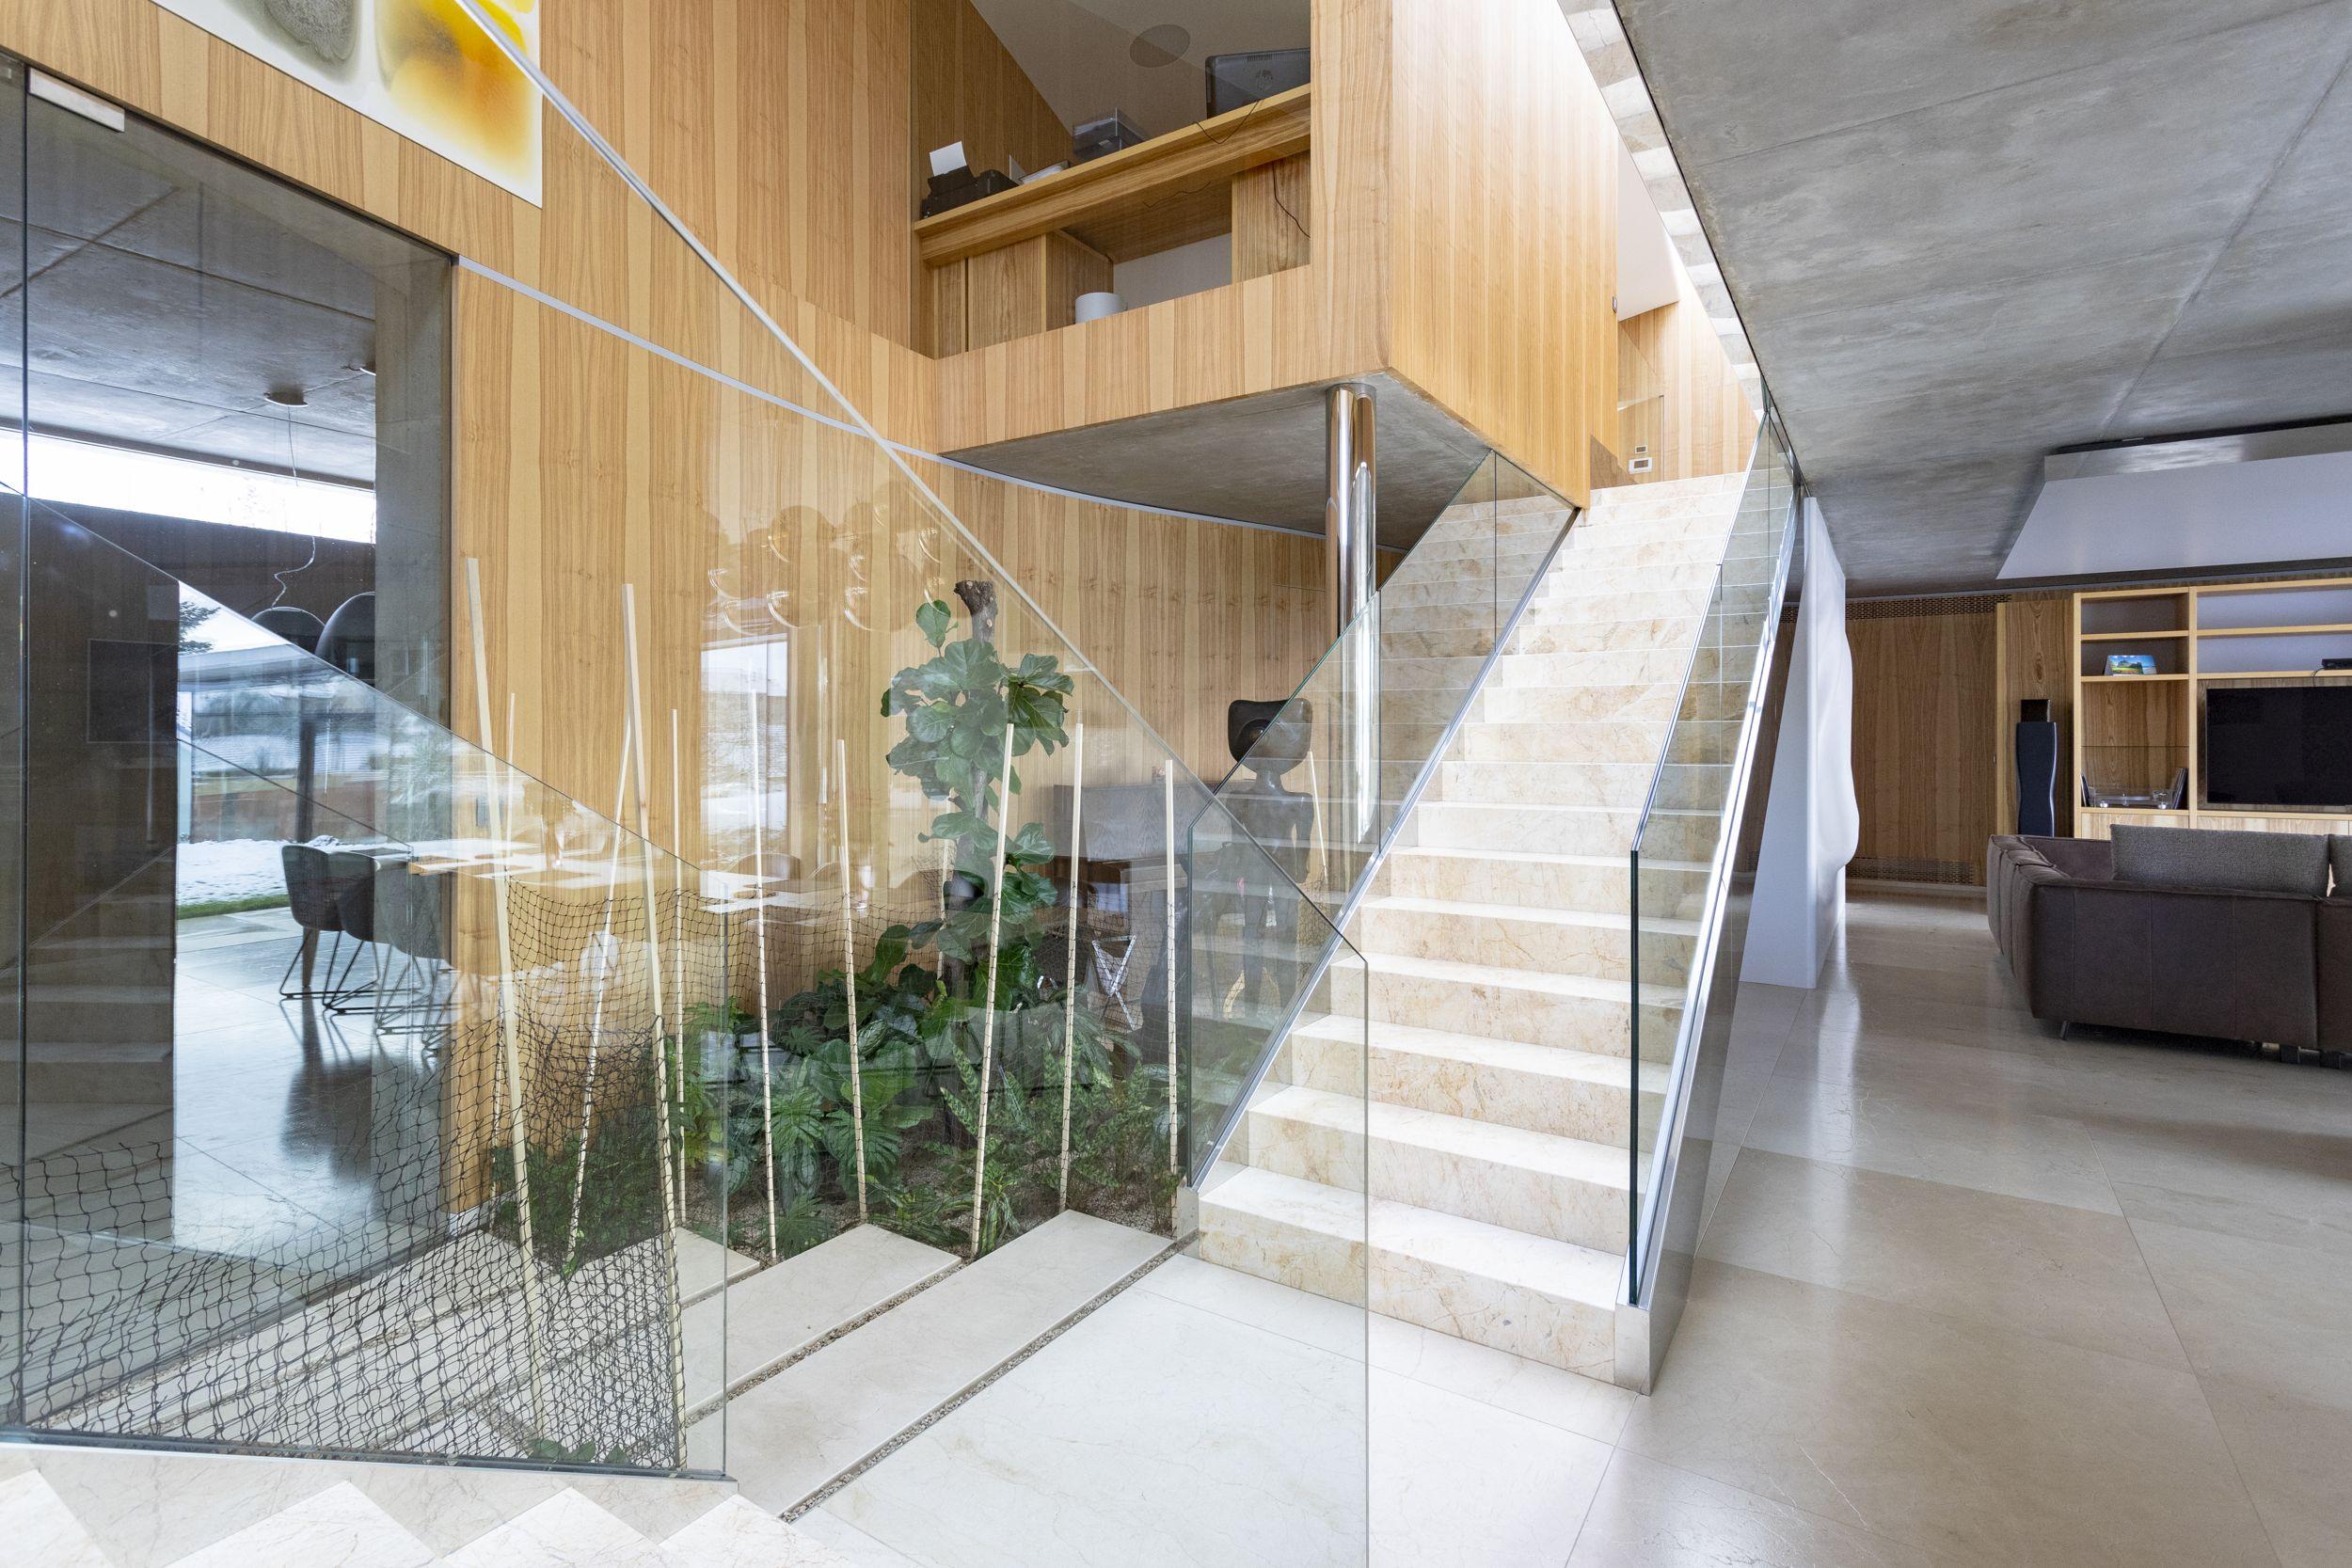 Luxusní interiér rodinného domu. Realizace skrytých zárubní DORSIS